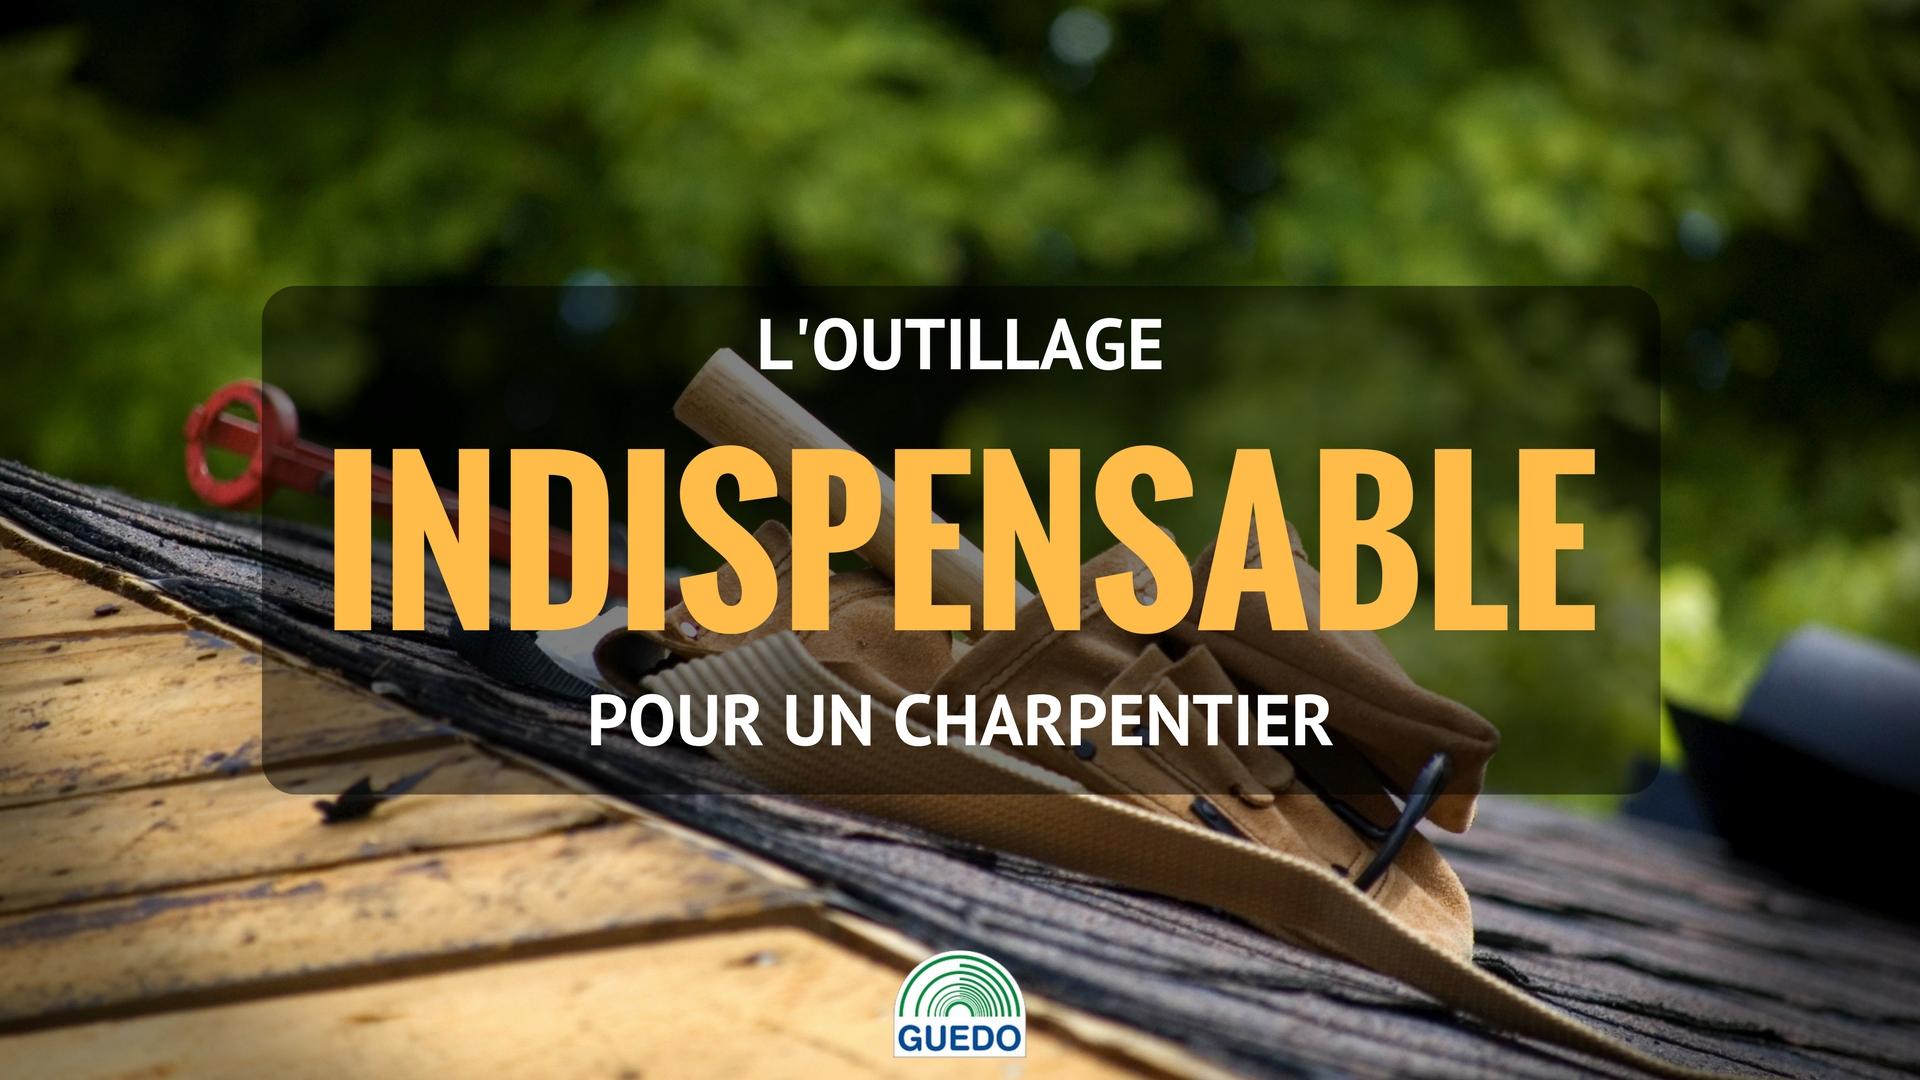 L'outillage indispensable pour un charpentier